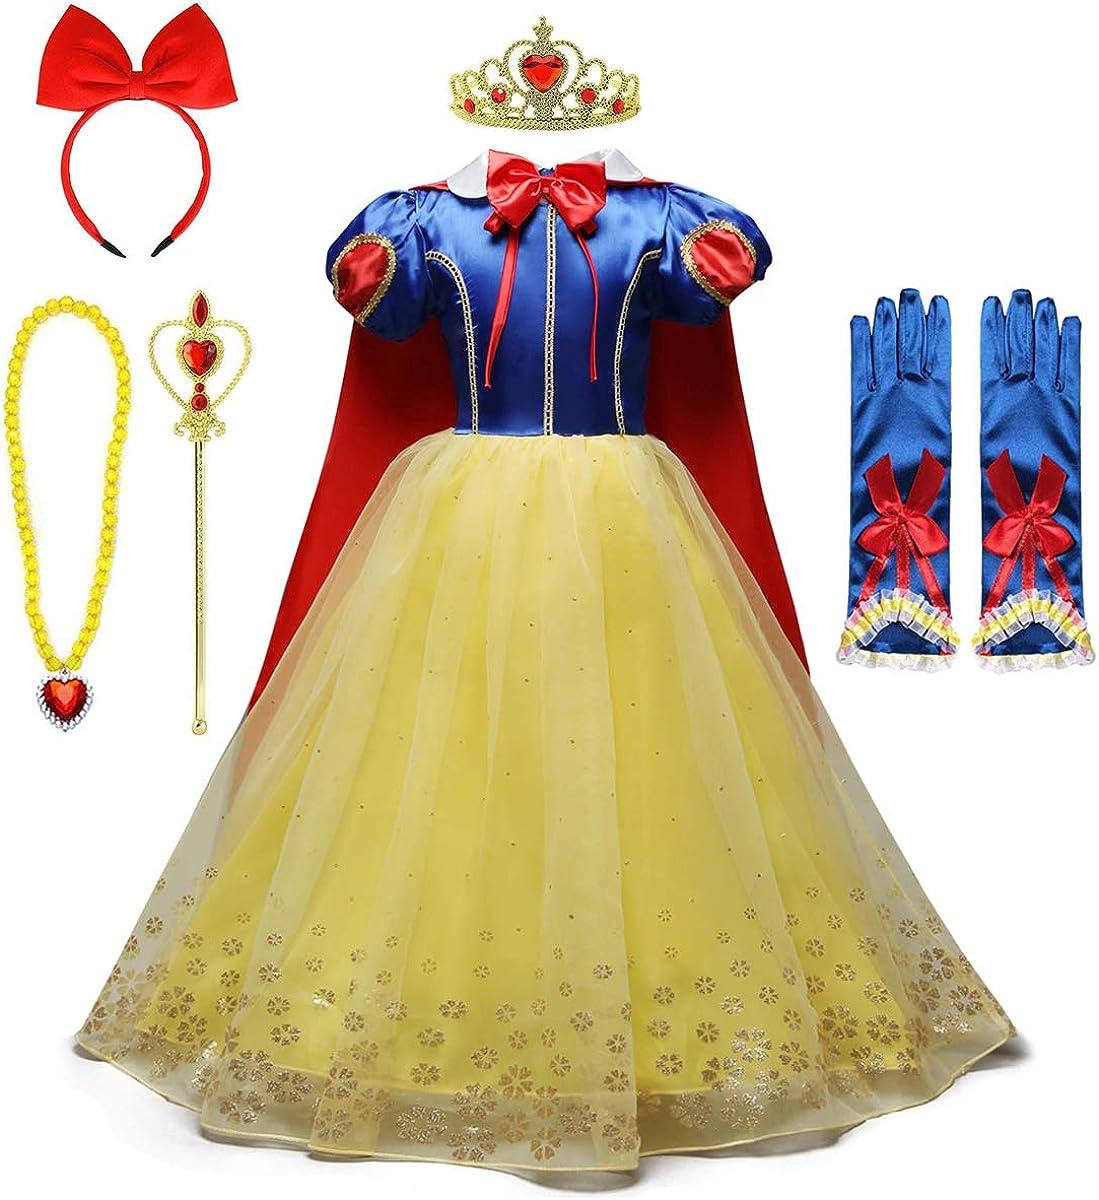 FMYFWY Niñas Vestidos de Blancanieves con Capa Disfraz de Carnaval Princesa Cumpleaños Traje de Halloween Navidad Fiesta de Cosplay Ceremonia Aniversario Bautizo Comunión Boda (Accesorios)